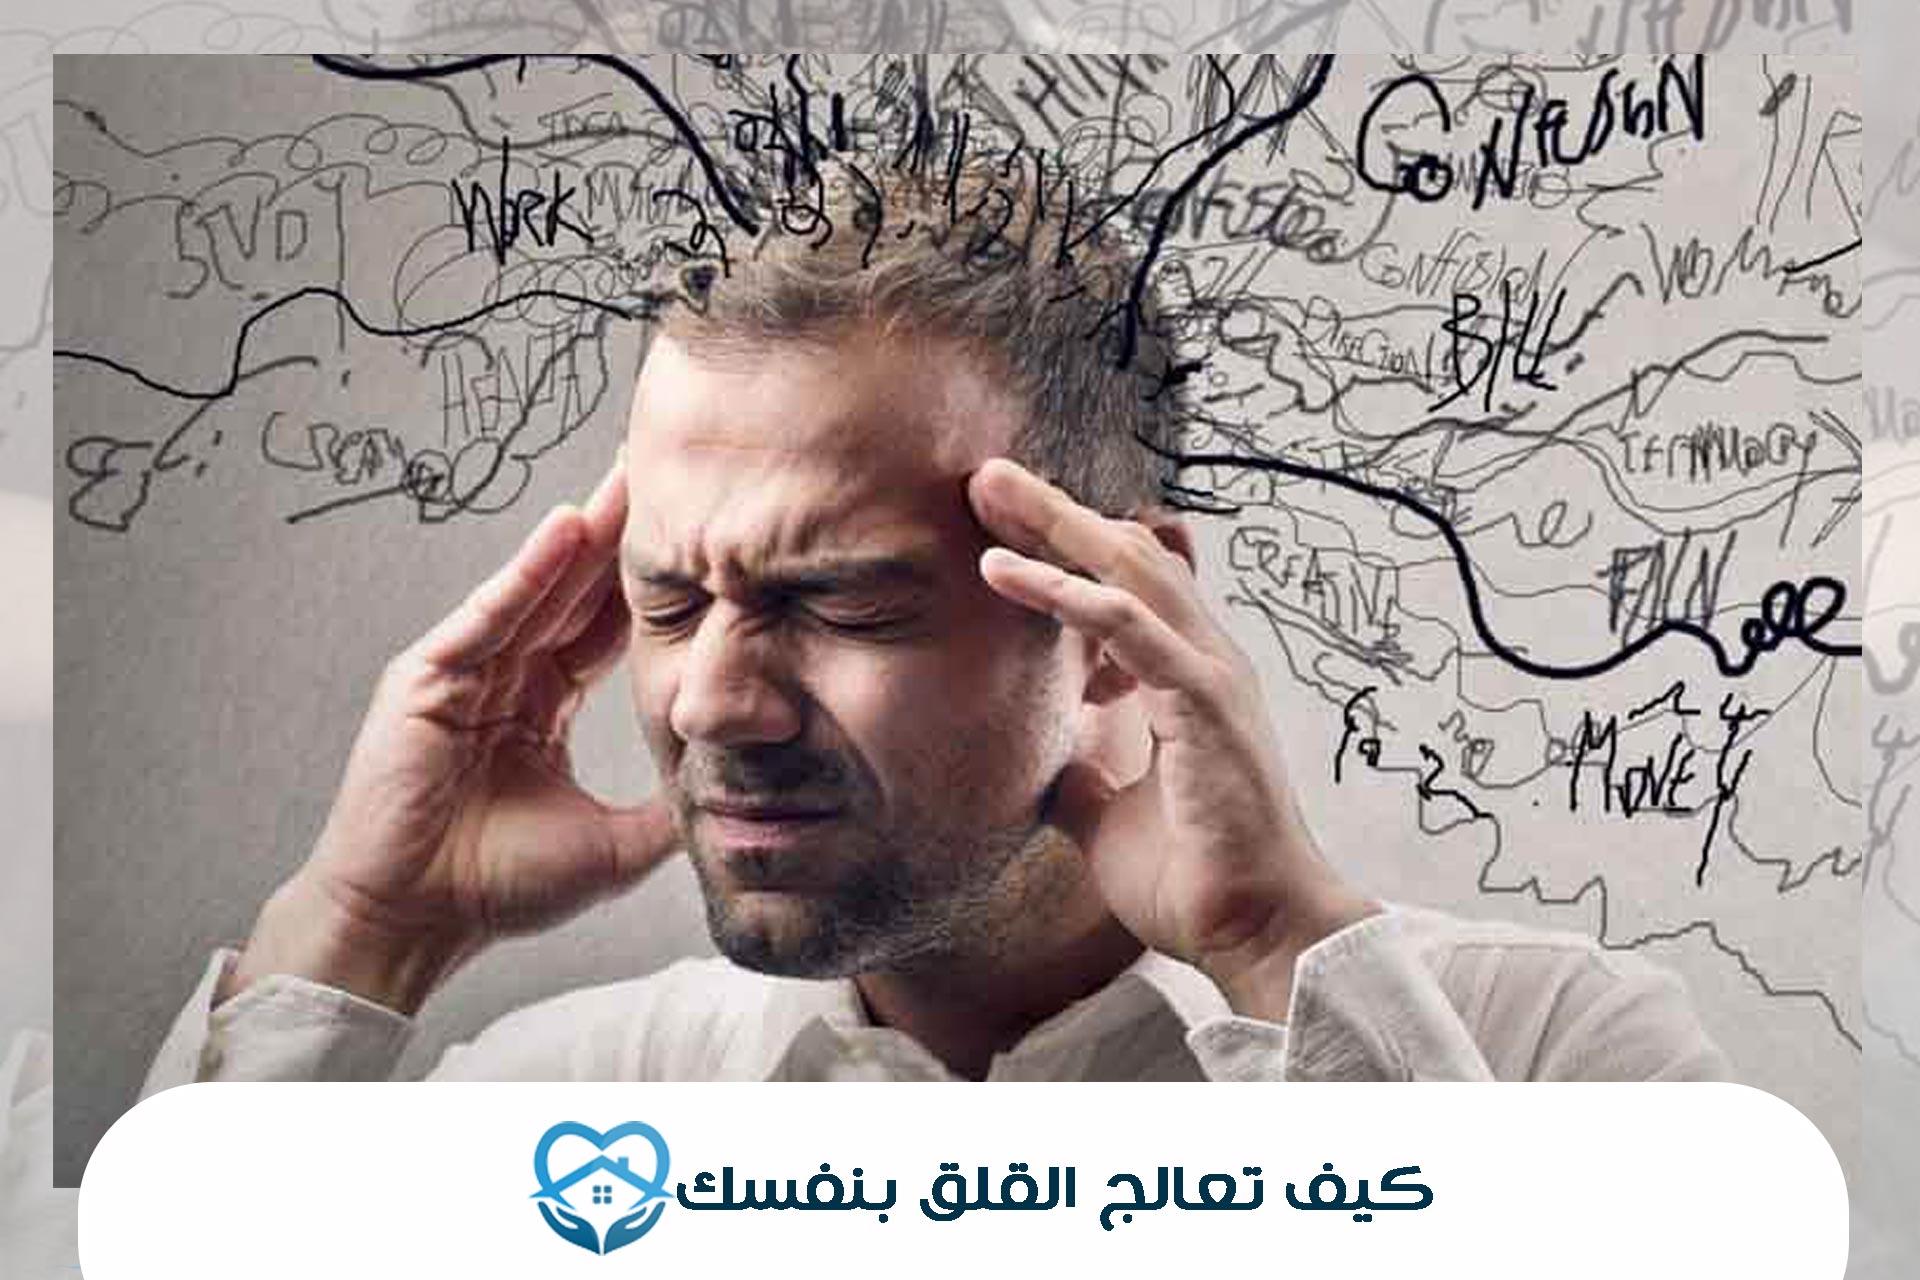 كيف تعالج القلق بنفسك